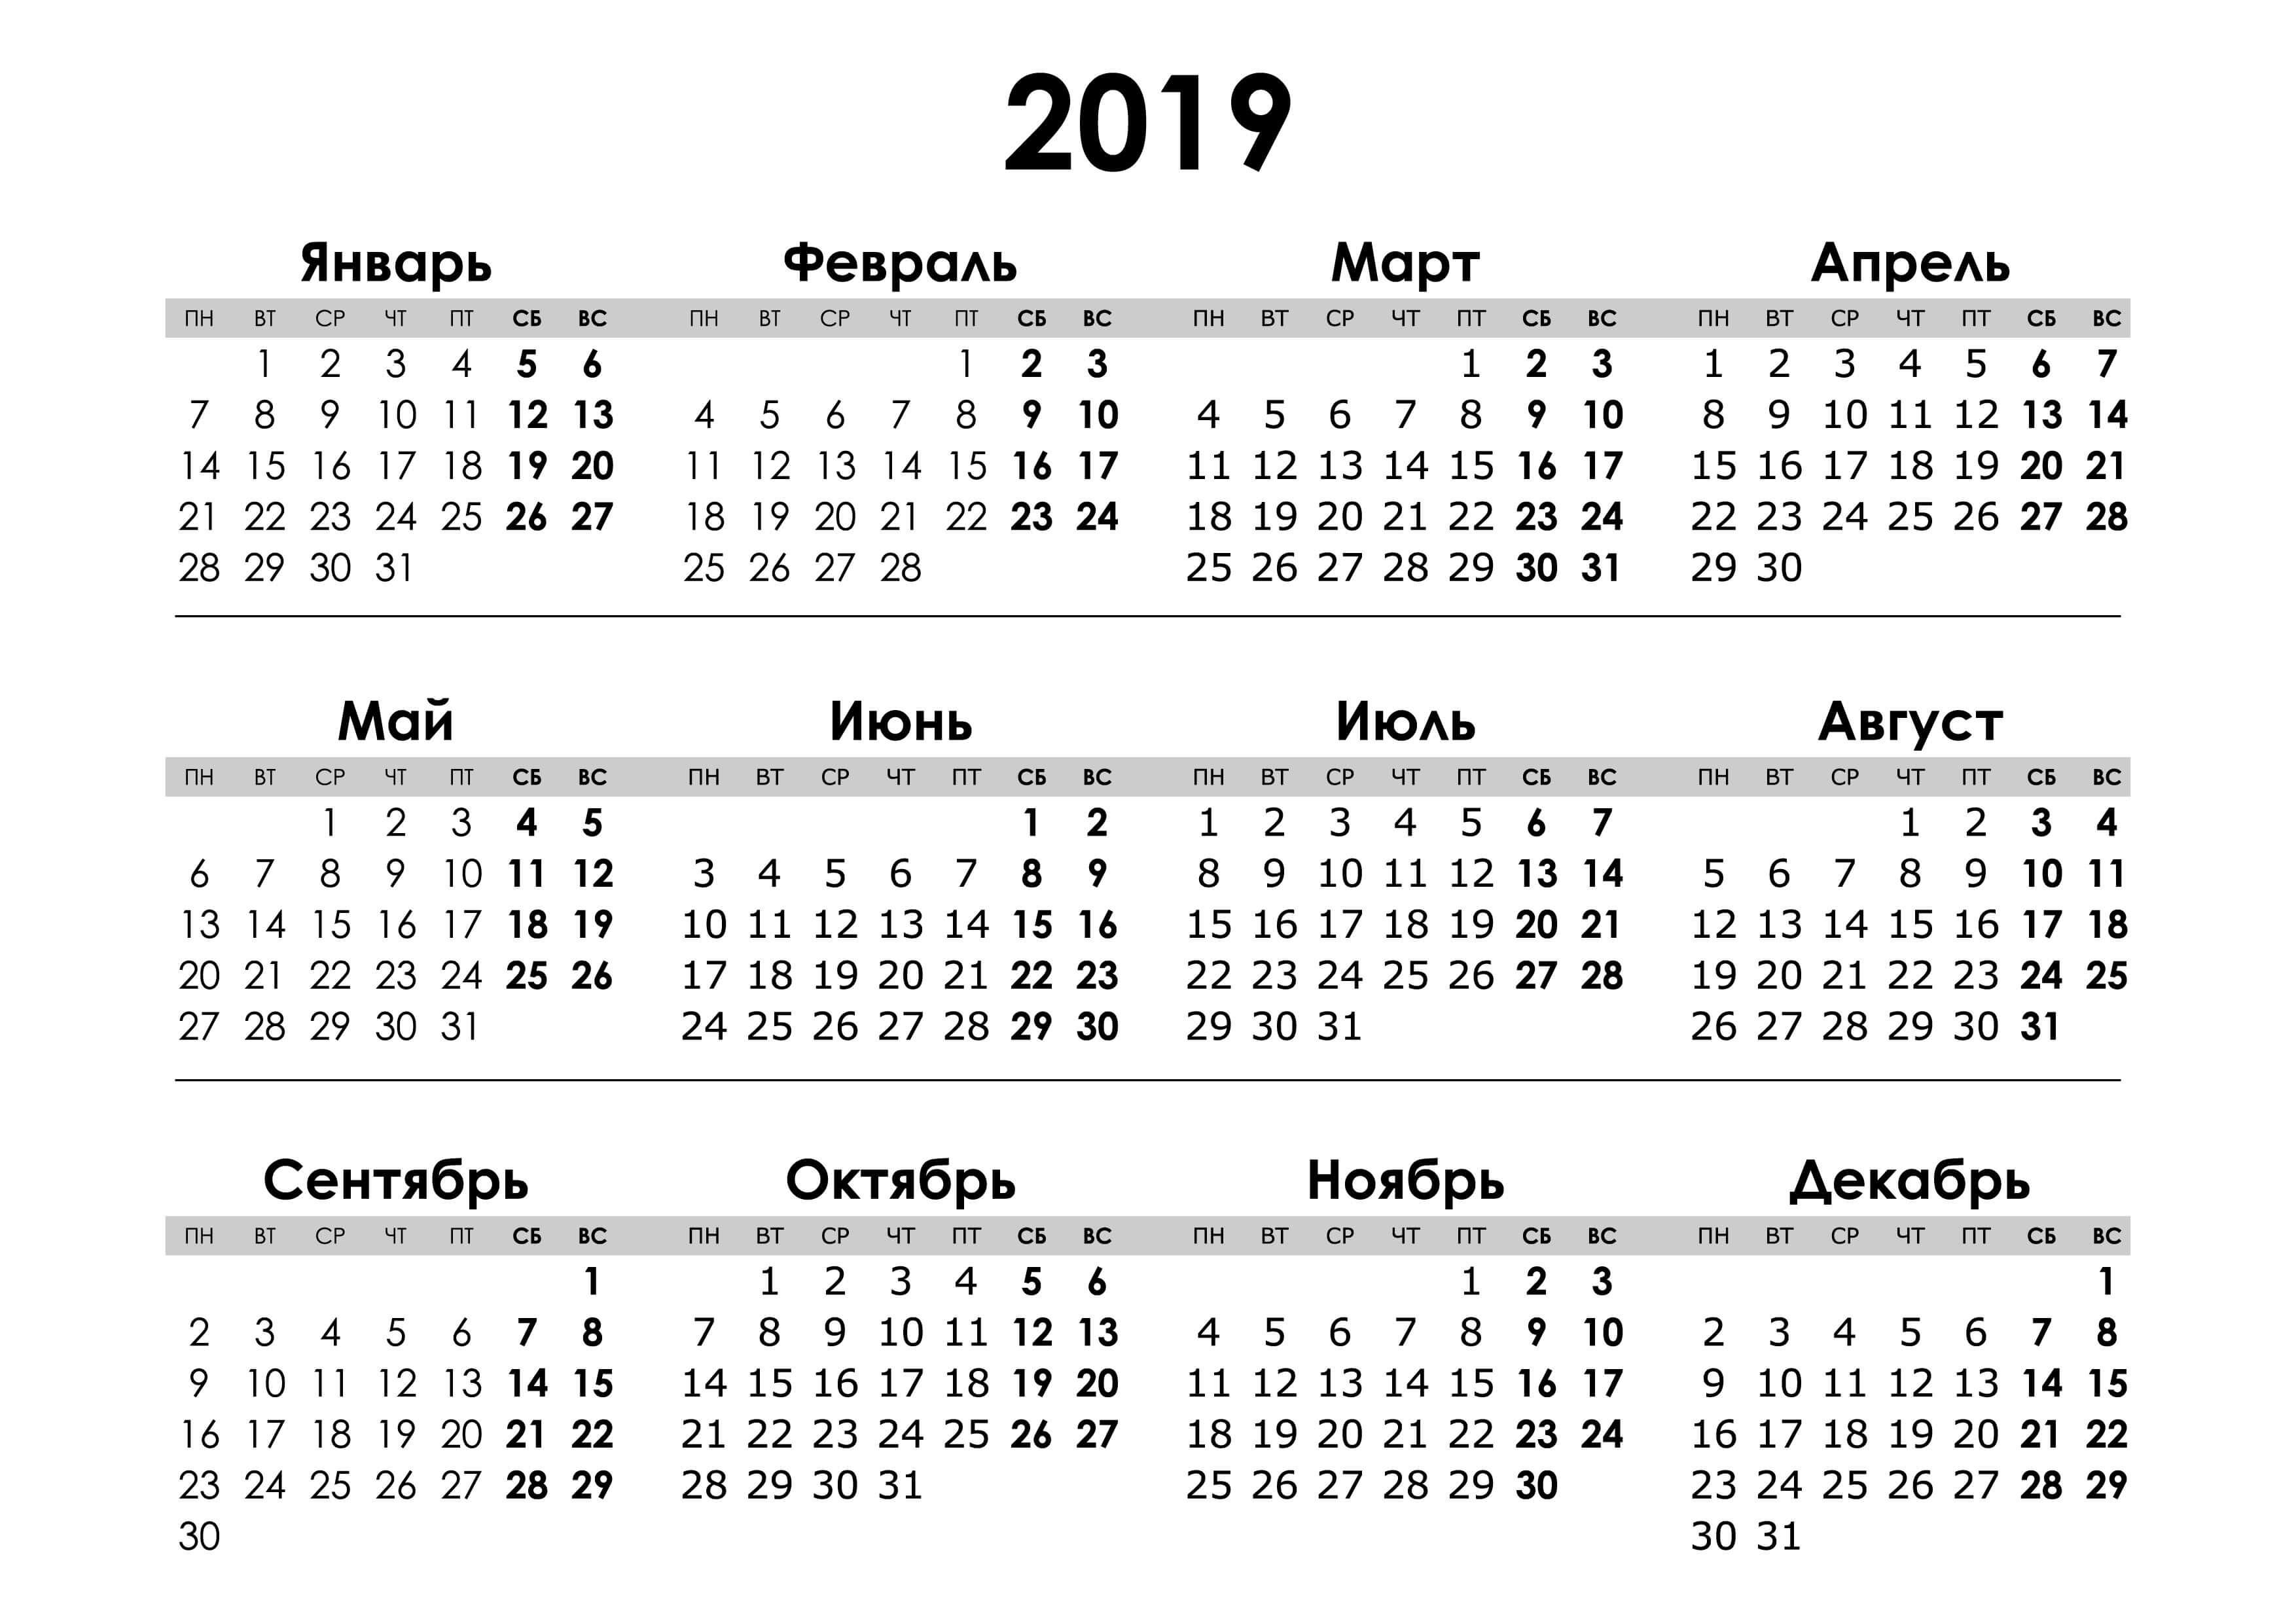 Годик, яндекс картинки календарь 2019